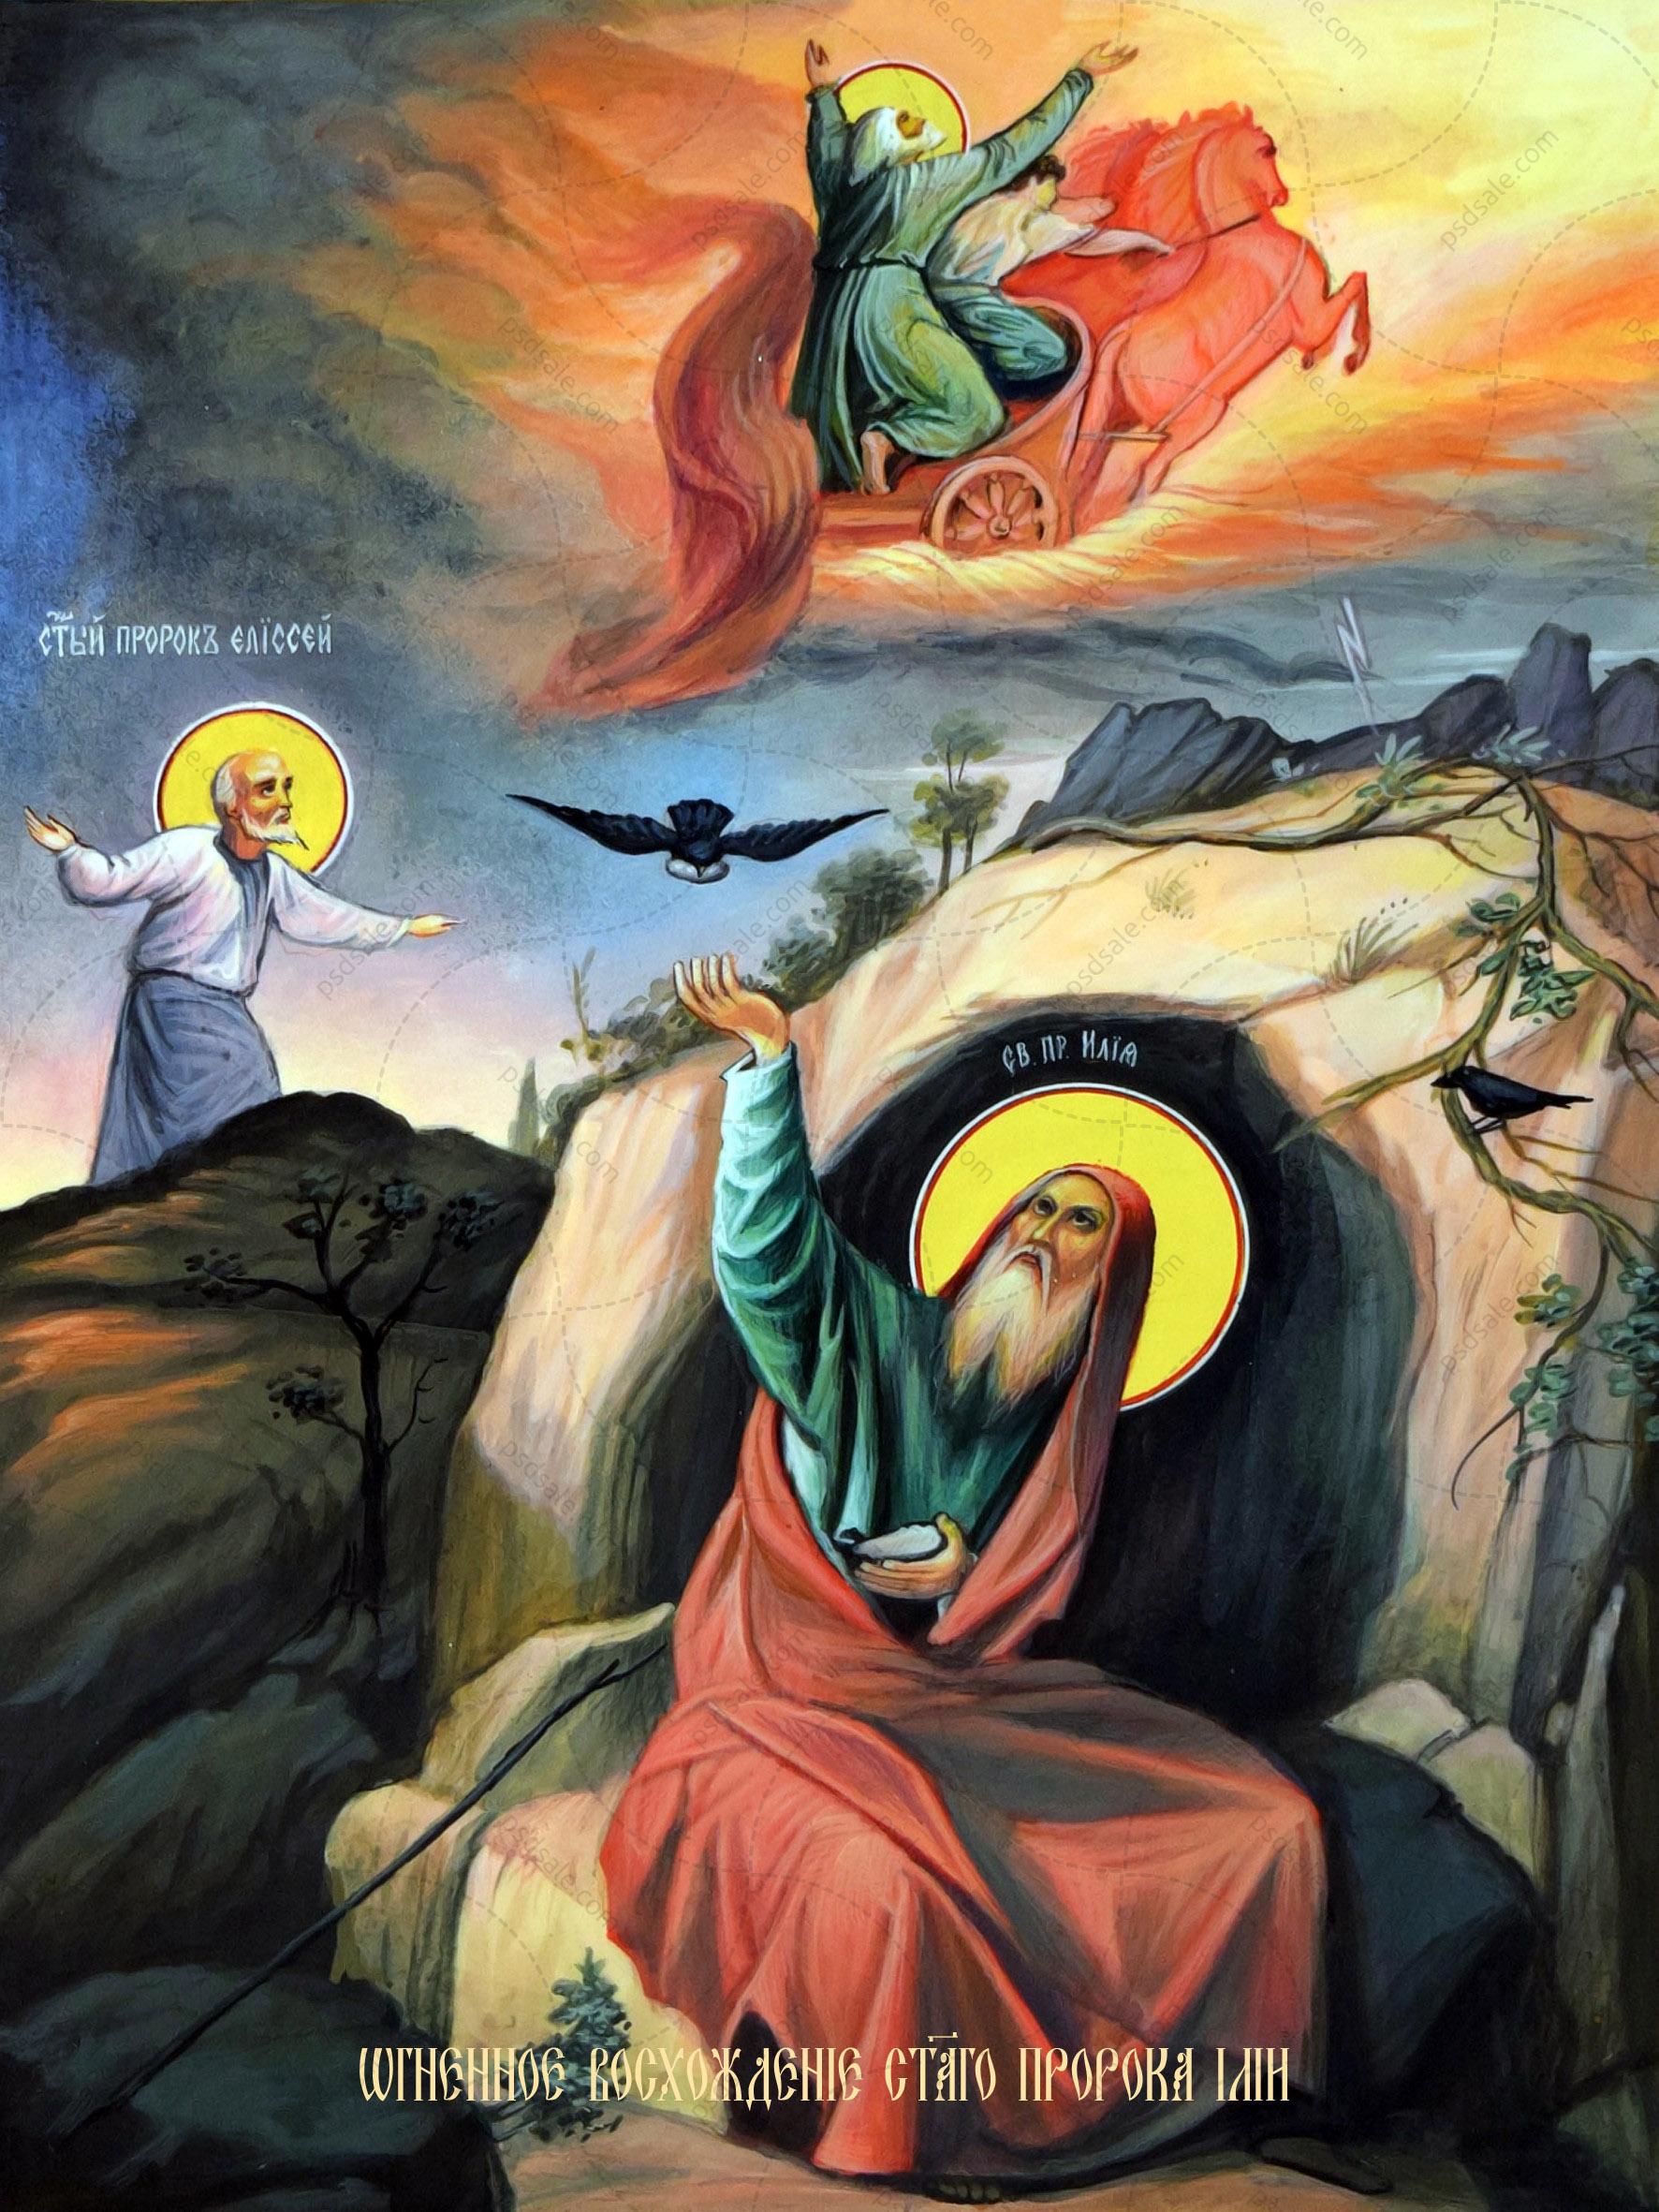 Пророк Илья, огненное восхождение